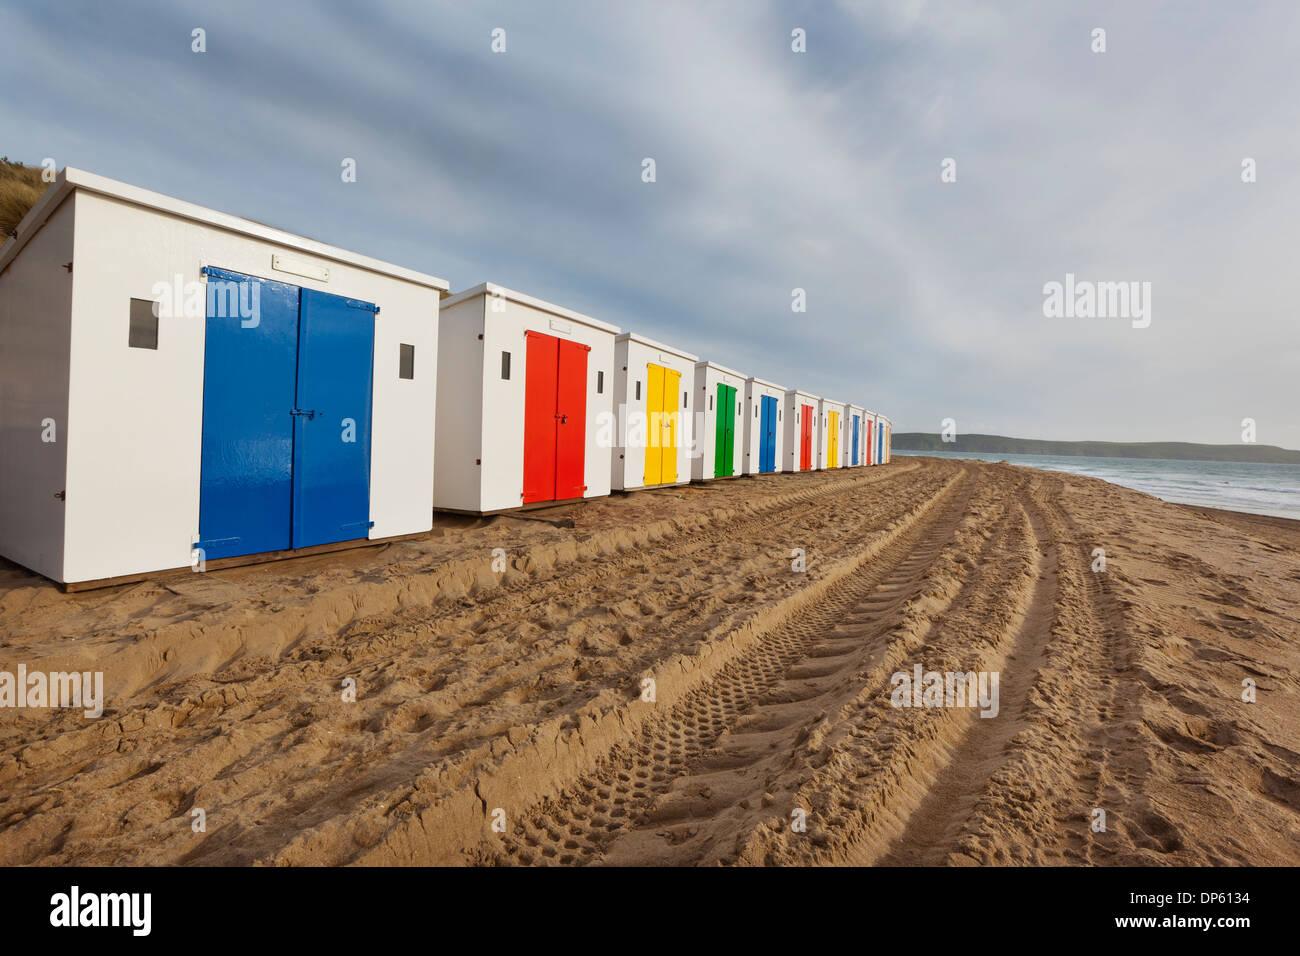 Cabañas de playa en una fila, en Woolacombe Sands en North Devon, Reino Unido. Imagen De Stock